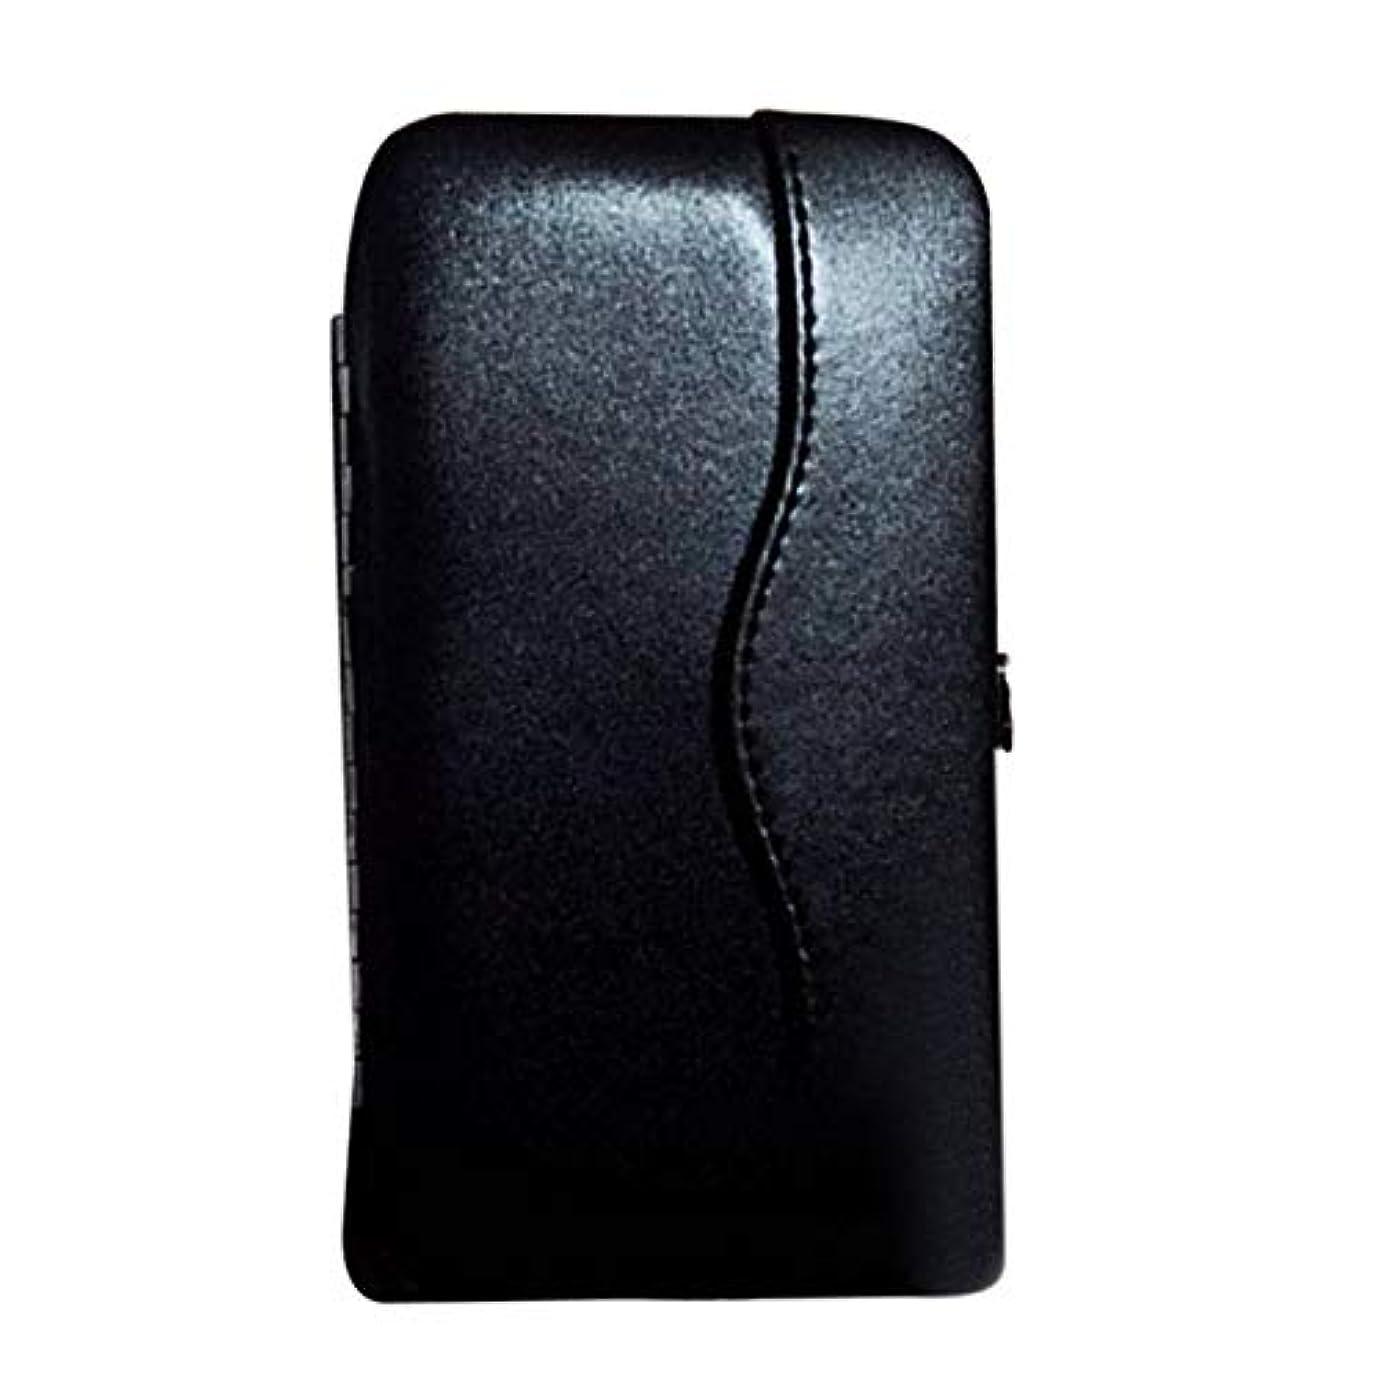 用心煙突コテージwijaso まつげエクステンションピンセットポータブルツールバッグ用の信頼性の高い美しい新プロメークアップツールストレージボックス(None BK)